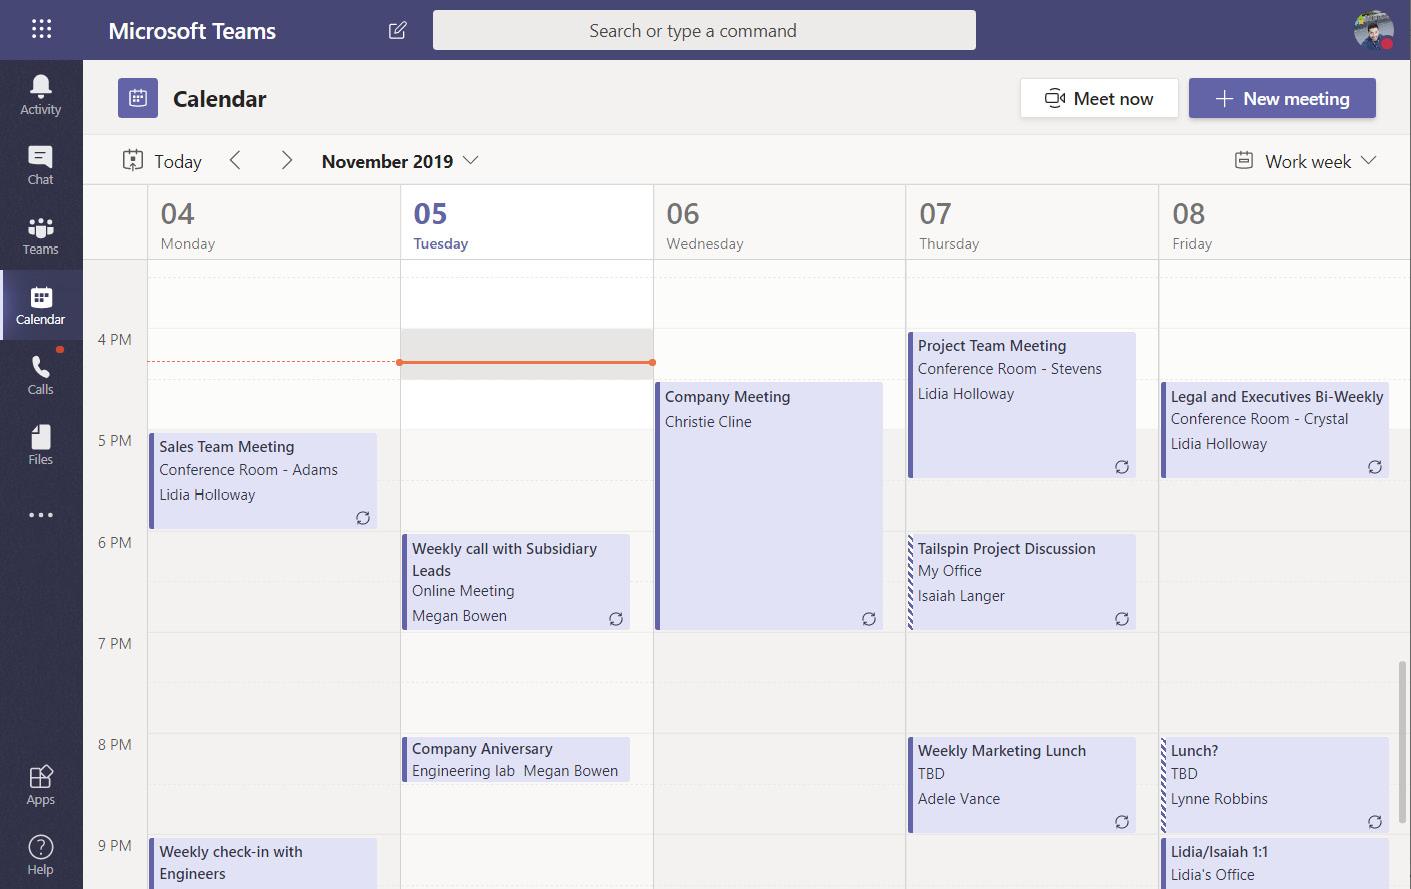 Figure 2.1: Microsoft Teams Calendar